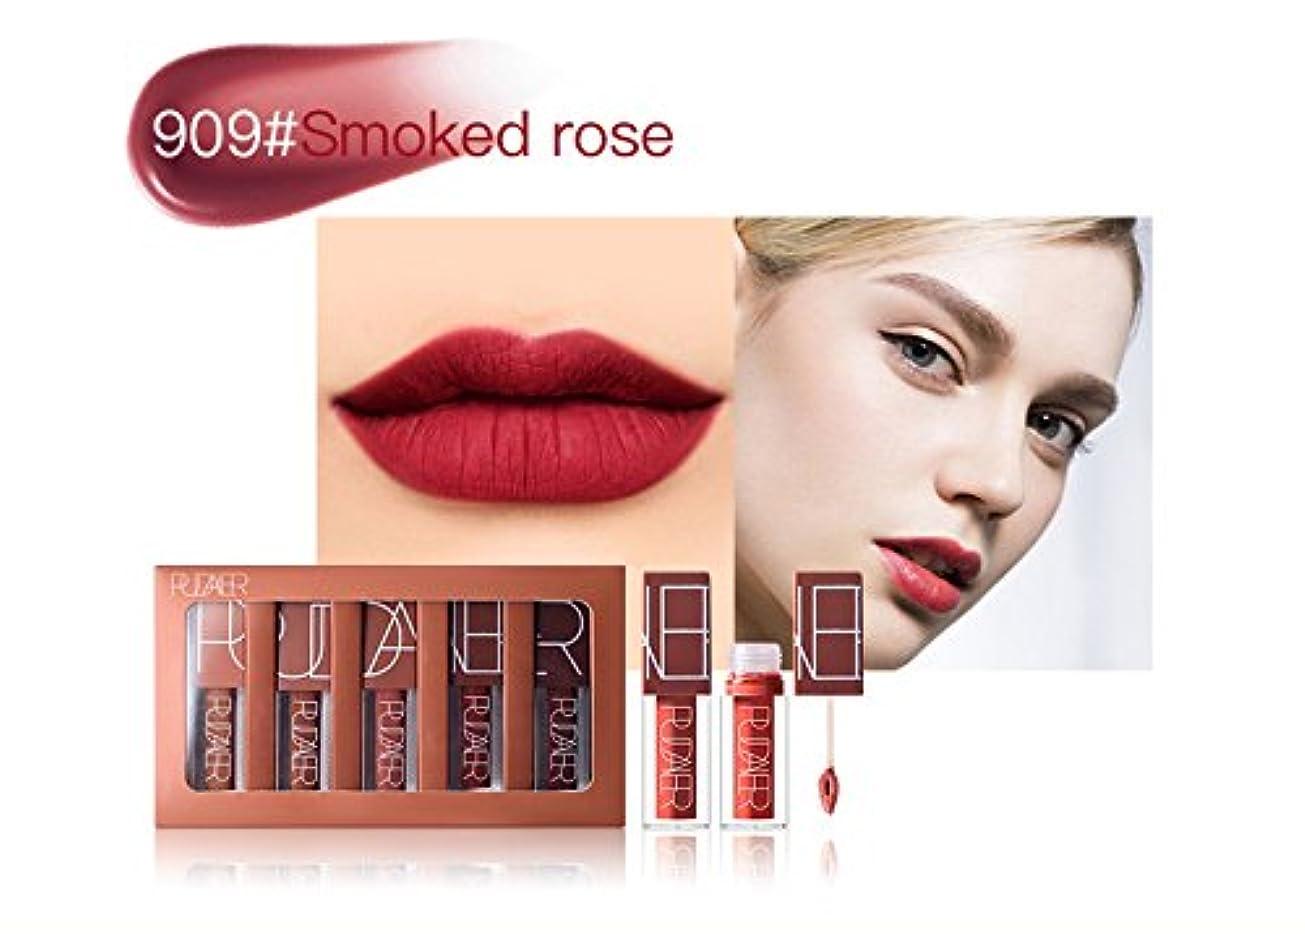 スロー署名用心するNo #909 Hot Brand Long Lasting Velvet Lips Tint Liquid Lipstick Matte Beauty Cosmetics Sexy Nude Pigment Matte...